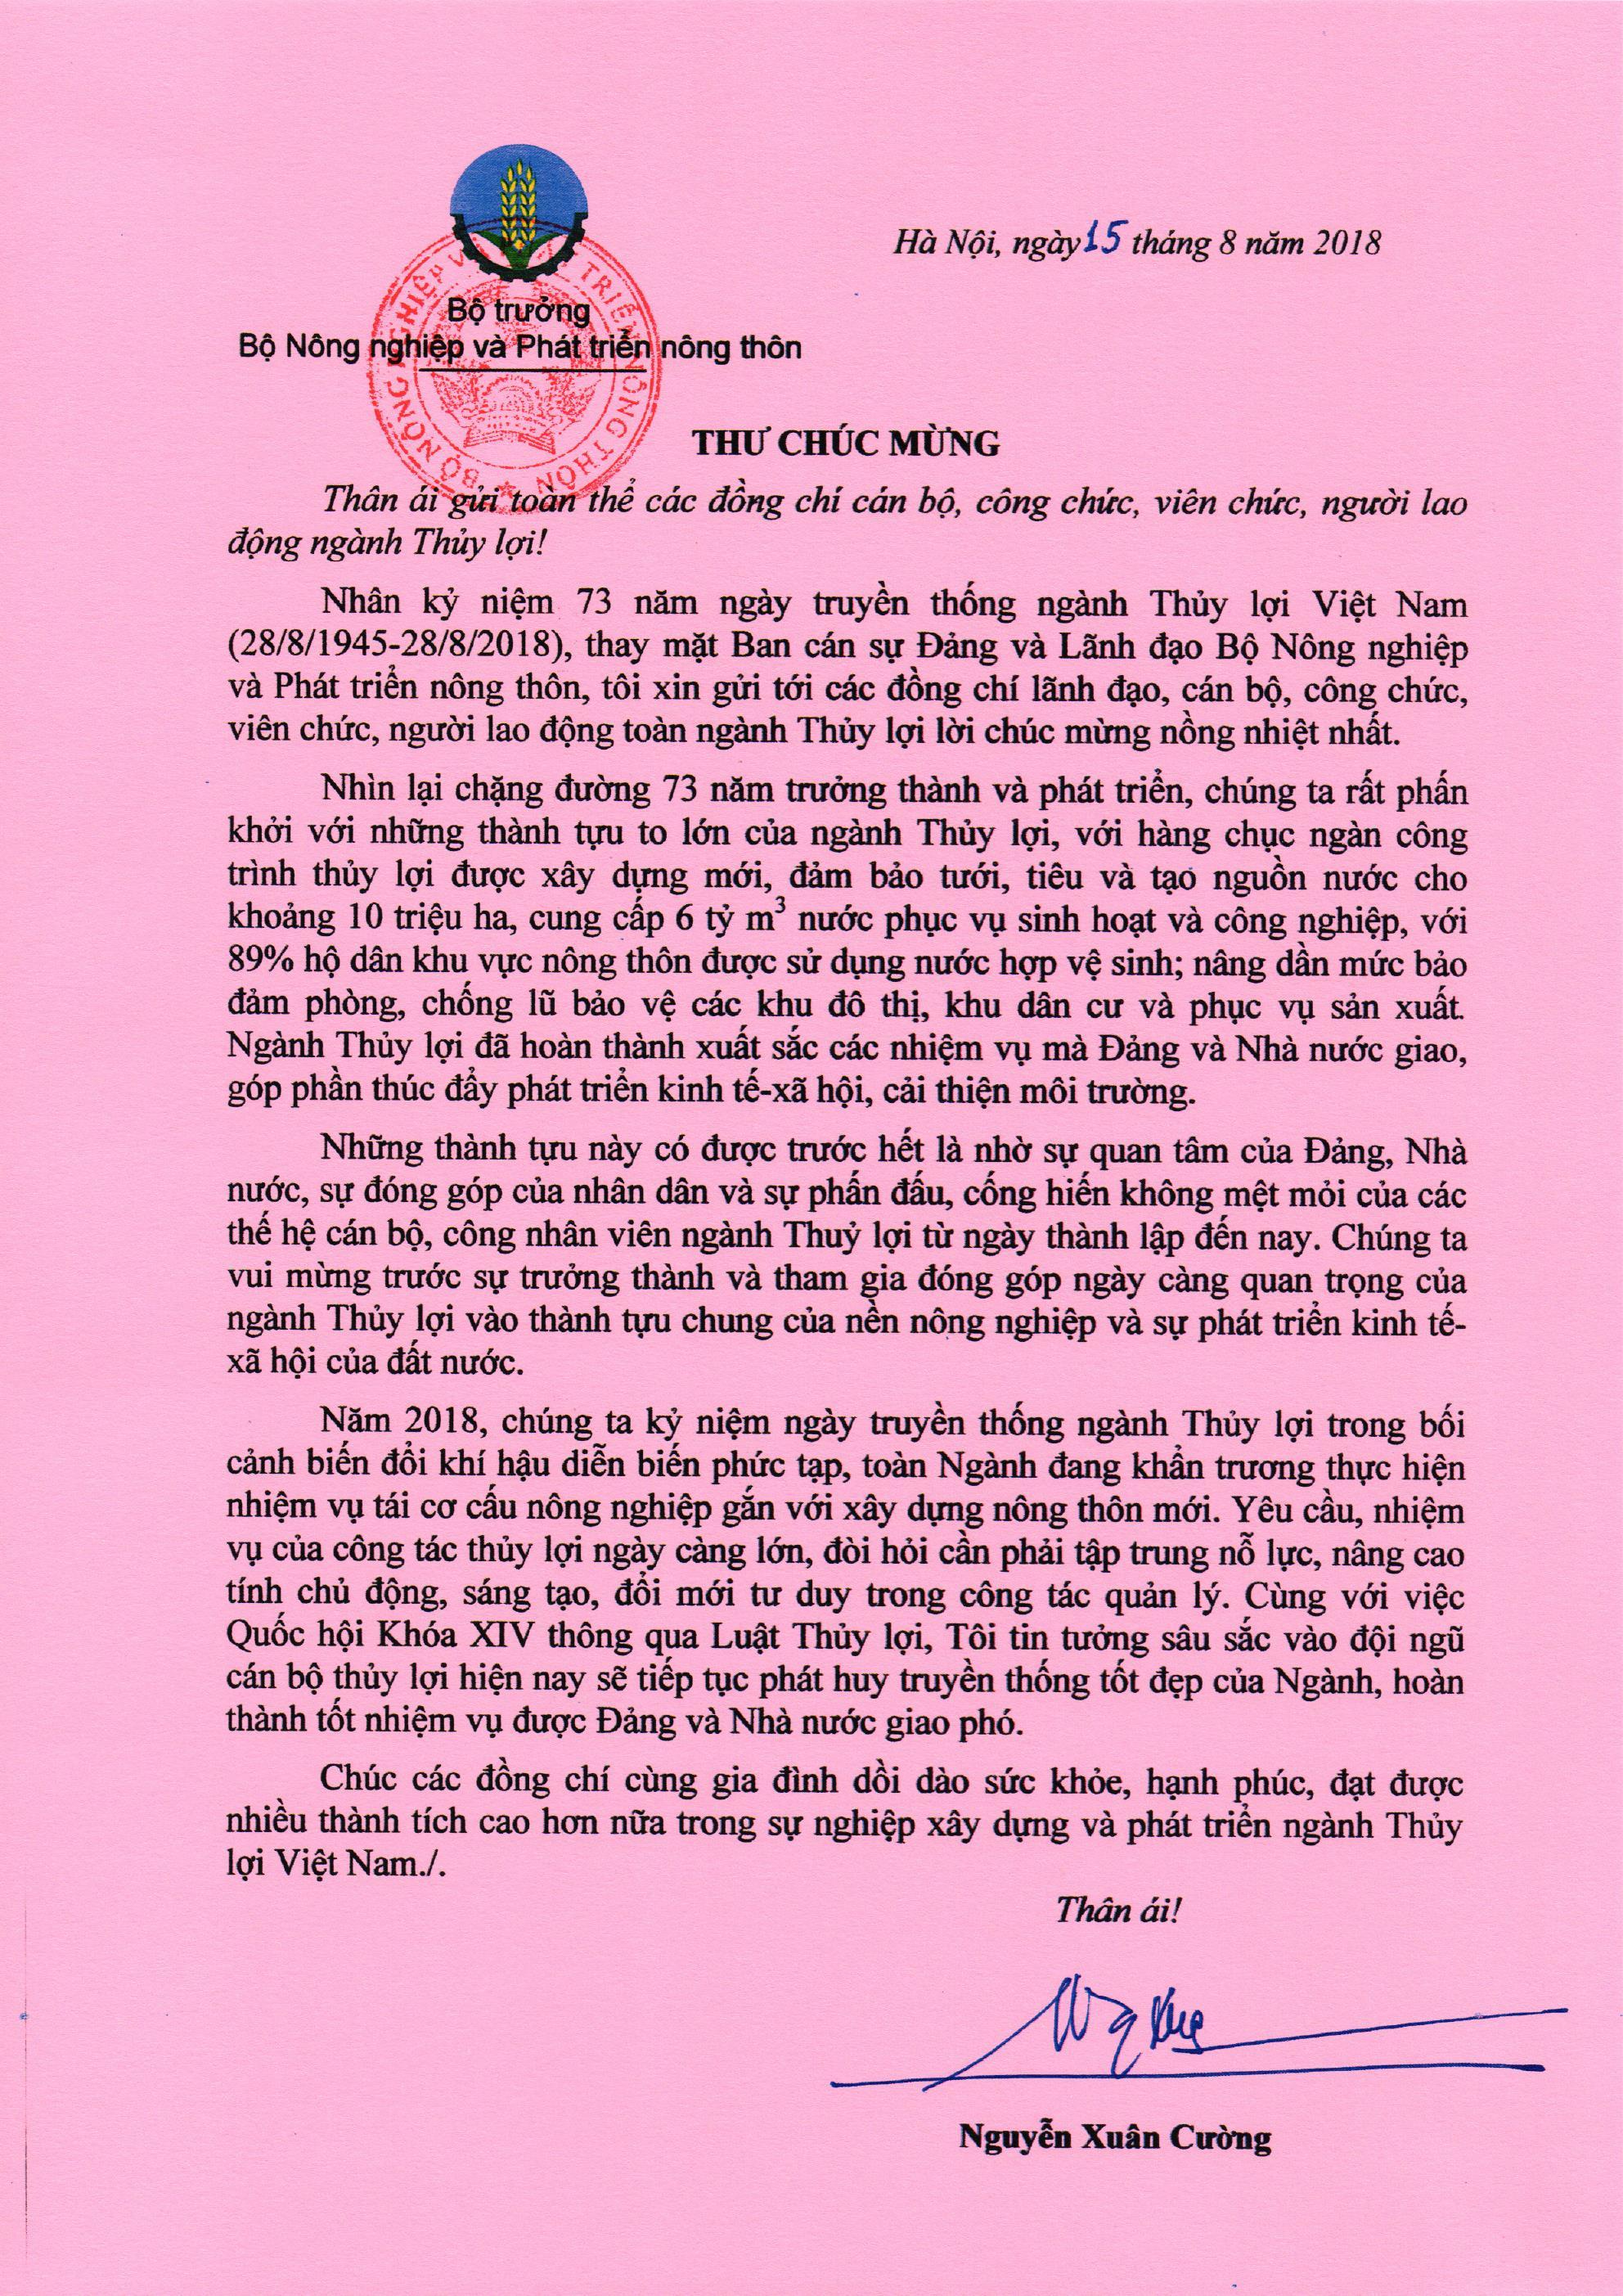 Bộ trưởng Nguyễn Xuân Cường gửi thư chúc mừng kỷ niệm 73 năm ngày truyền thống ngành Thủy lợi Việt Nam